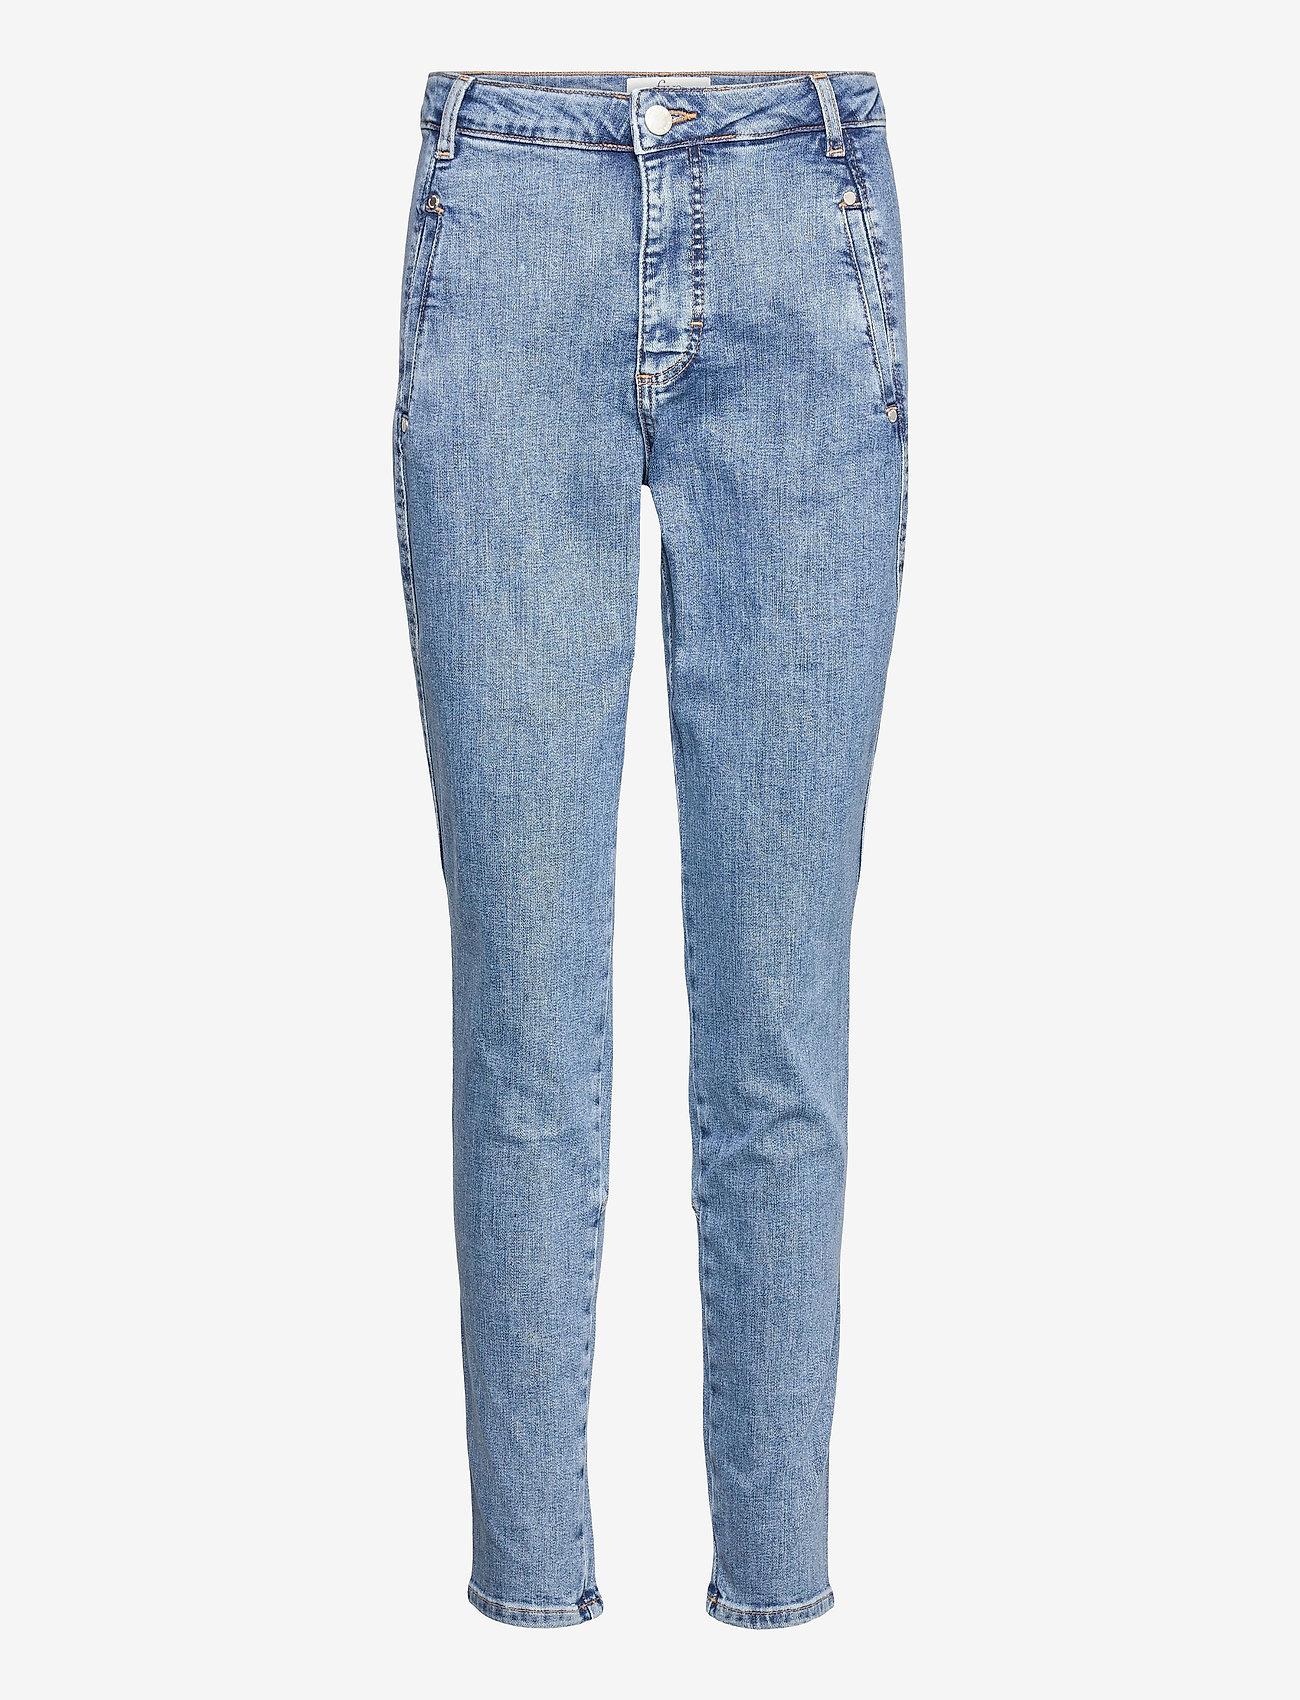 FIVEUNITS - Jolie 241 - slim jeans - wave blue - 0